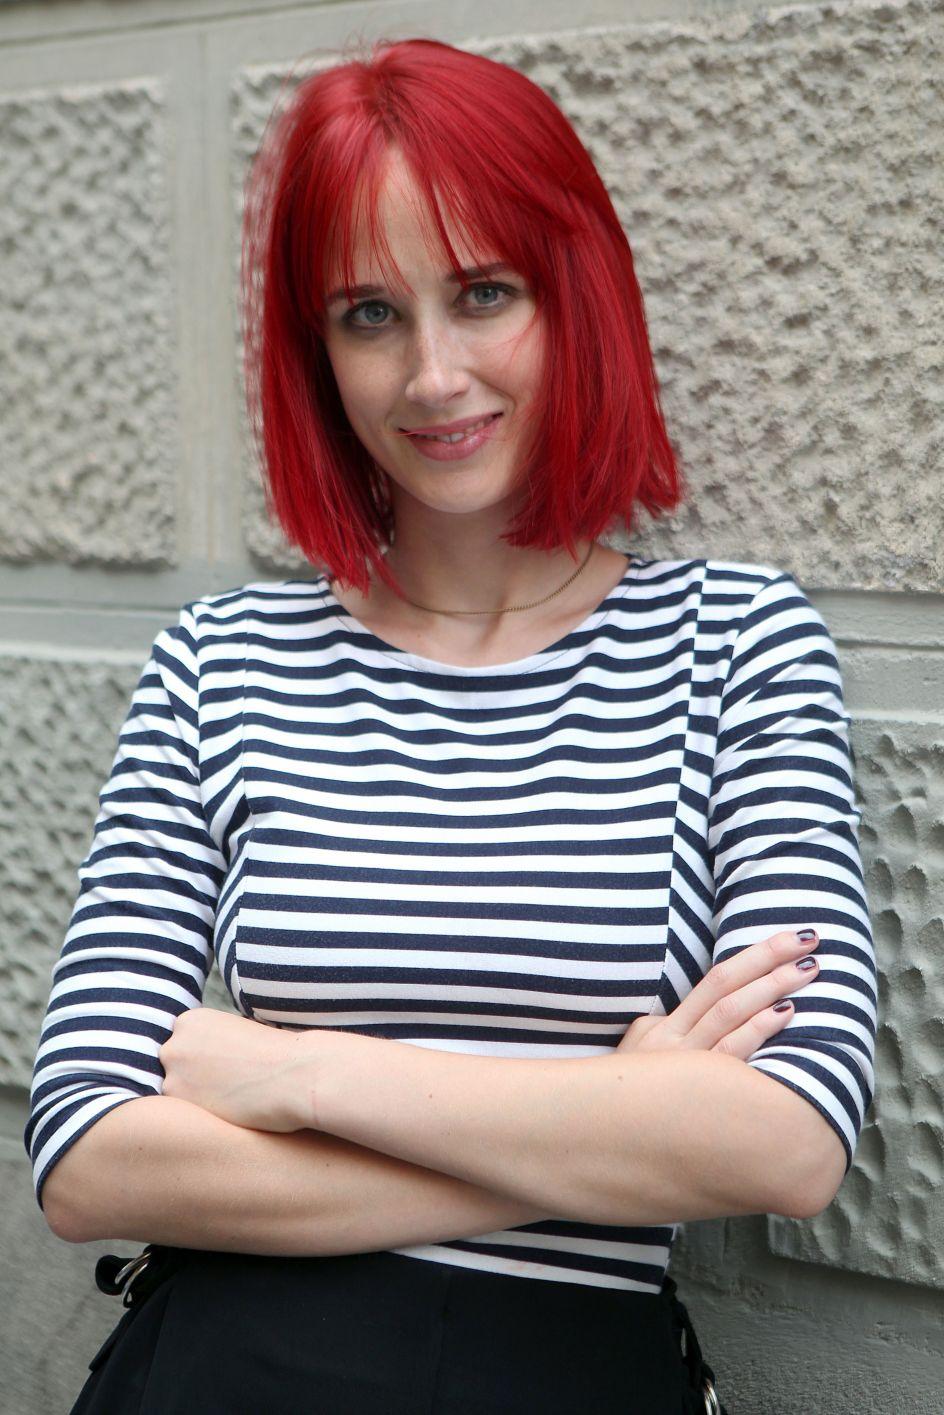 Ingrid García Jonsson. Posado de la actriz Ingrid García Jonsson durante el rodaje de la película Ana de día, en Madrid, con un pelo al estilo Ariel.